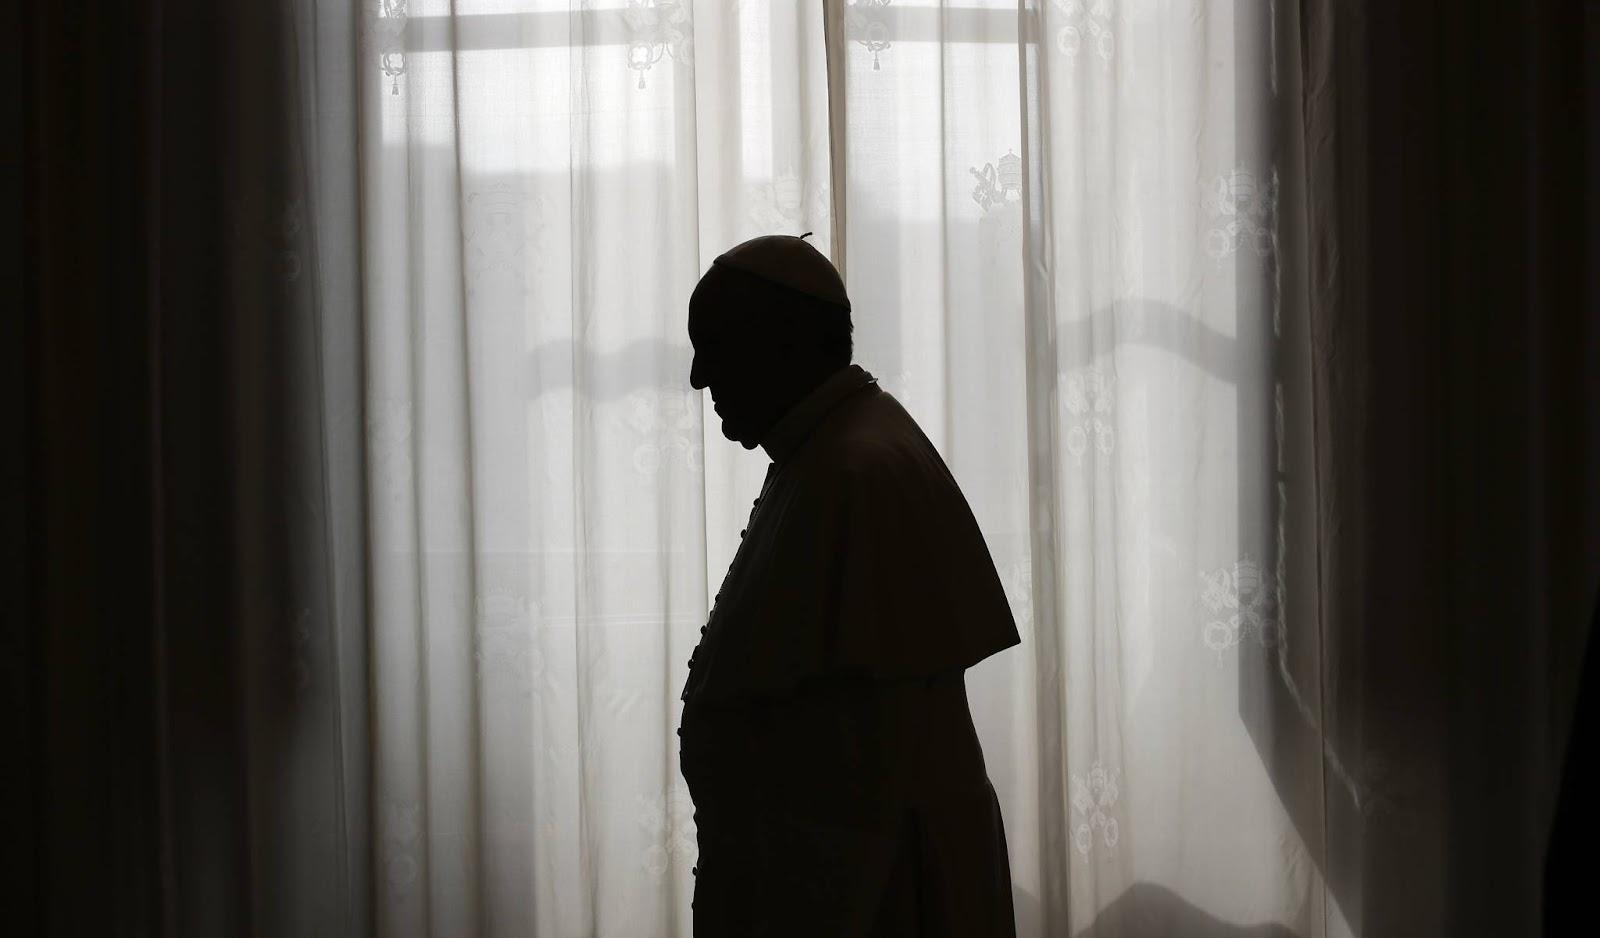 Lời giới thiệu của Đức Thánh Cha cho quyển sách mới của một nạn nhân bị lạm dụng tính dục